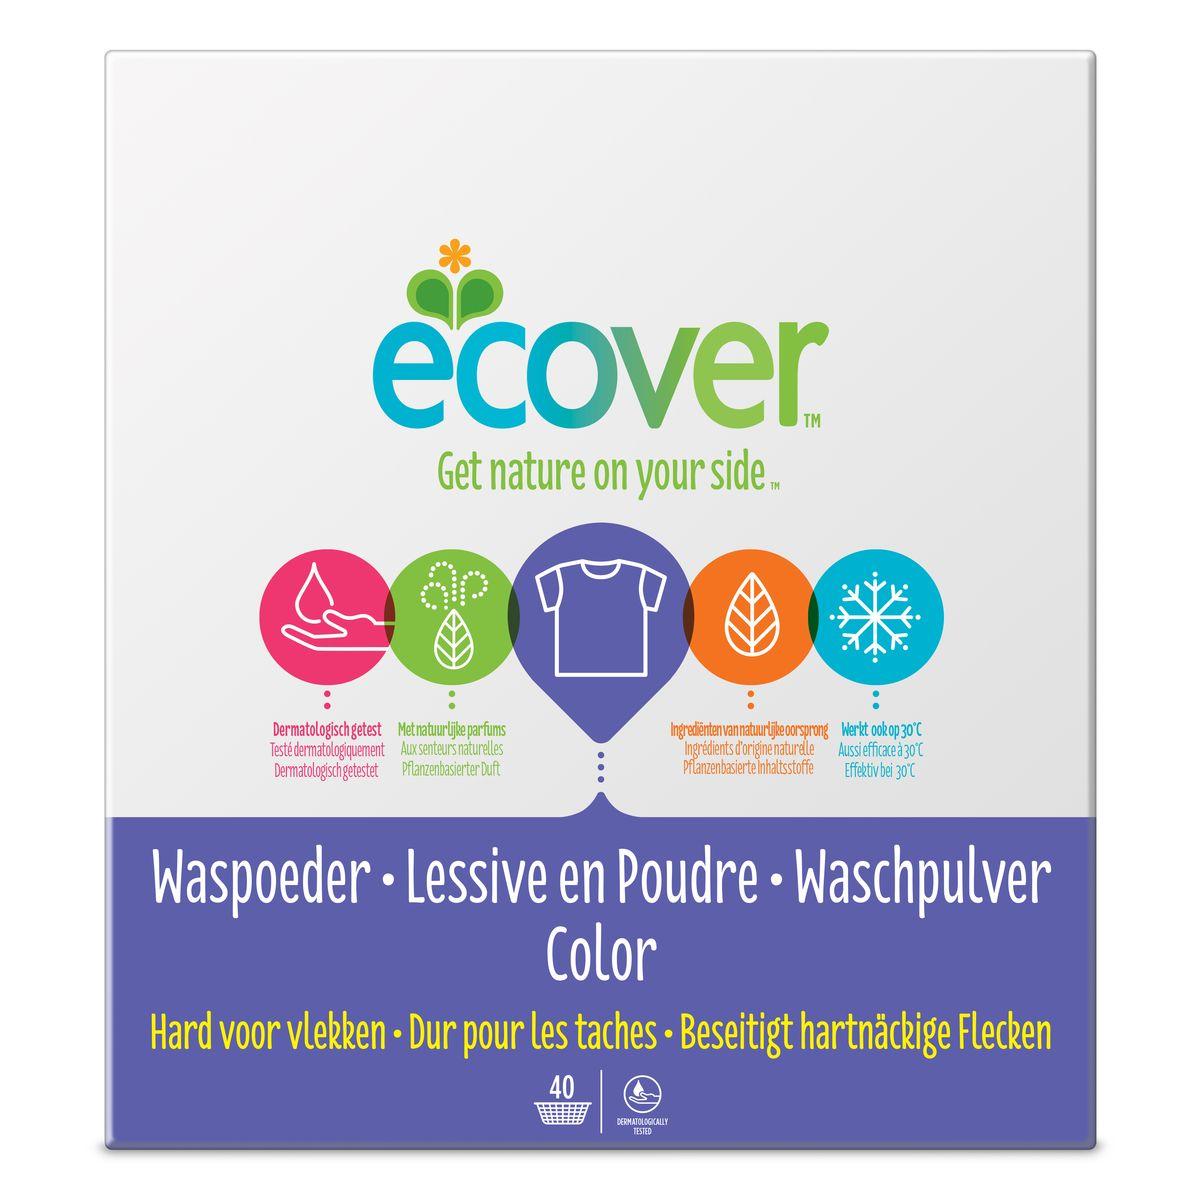 Экологический стиральный порошок Ecover, концентрат, для цветного белья, 3 кг144050161Очень эффективный стиральный порошок-концентрат Ecover предназначен для стирки цветного белья. Подходит к использованию для детей от 2-х лет и взрослых. Порошок создан на основе растительных ПАВ. Улучшенная формула содержит небольшое количество бережного кислородного отбеливателя для удаления таких загрязнений как пятна от вина, фруктов, травы и т.д. Прекрасно выполаскивается. Новая формула средства позволяет использовать меньше порошка и обеспечивает на 25% больше стирок! При машинной стирке не требуется добавление средств для смягчения воды и предотвращения образования накипи (типа Calgon). Обладает легким натуральным ароматом. Не содержит фосфатов и синтетических ароматизаторов. Содержит энзимы (не ГМО) и натуральный кислородный отбеливатель.Подходит для использования в домах с автономной канализацией. Не наносит вреда любым видам септиков! Характеристики:Состав: 15-30% анионные био-ПАВ цеолиты, 5-15% неионные ПАВ, силикат натрия, карбонат натрия, бикарбонат натрия, полипептидное мыло, карбоксиметил целлюлозы, отдушка, сульфат натрия, цитрат натрия, энзимы, этилендиамин диссуцинат. Объем: 3 кг. Товар сертифицирован.